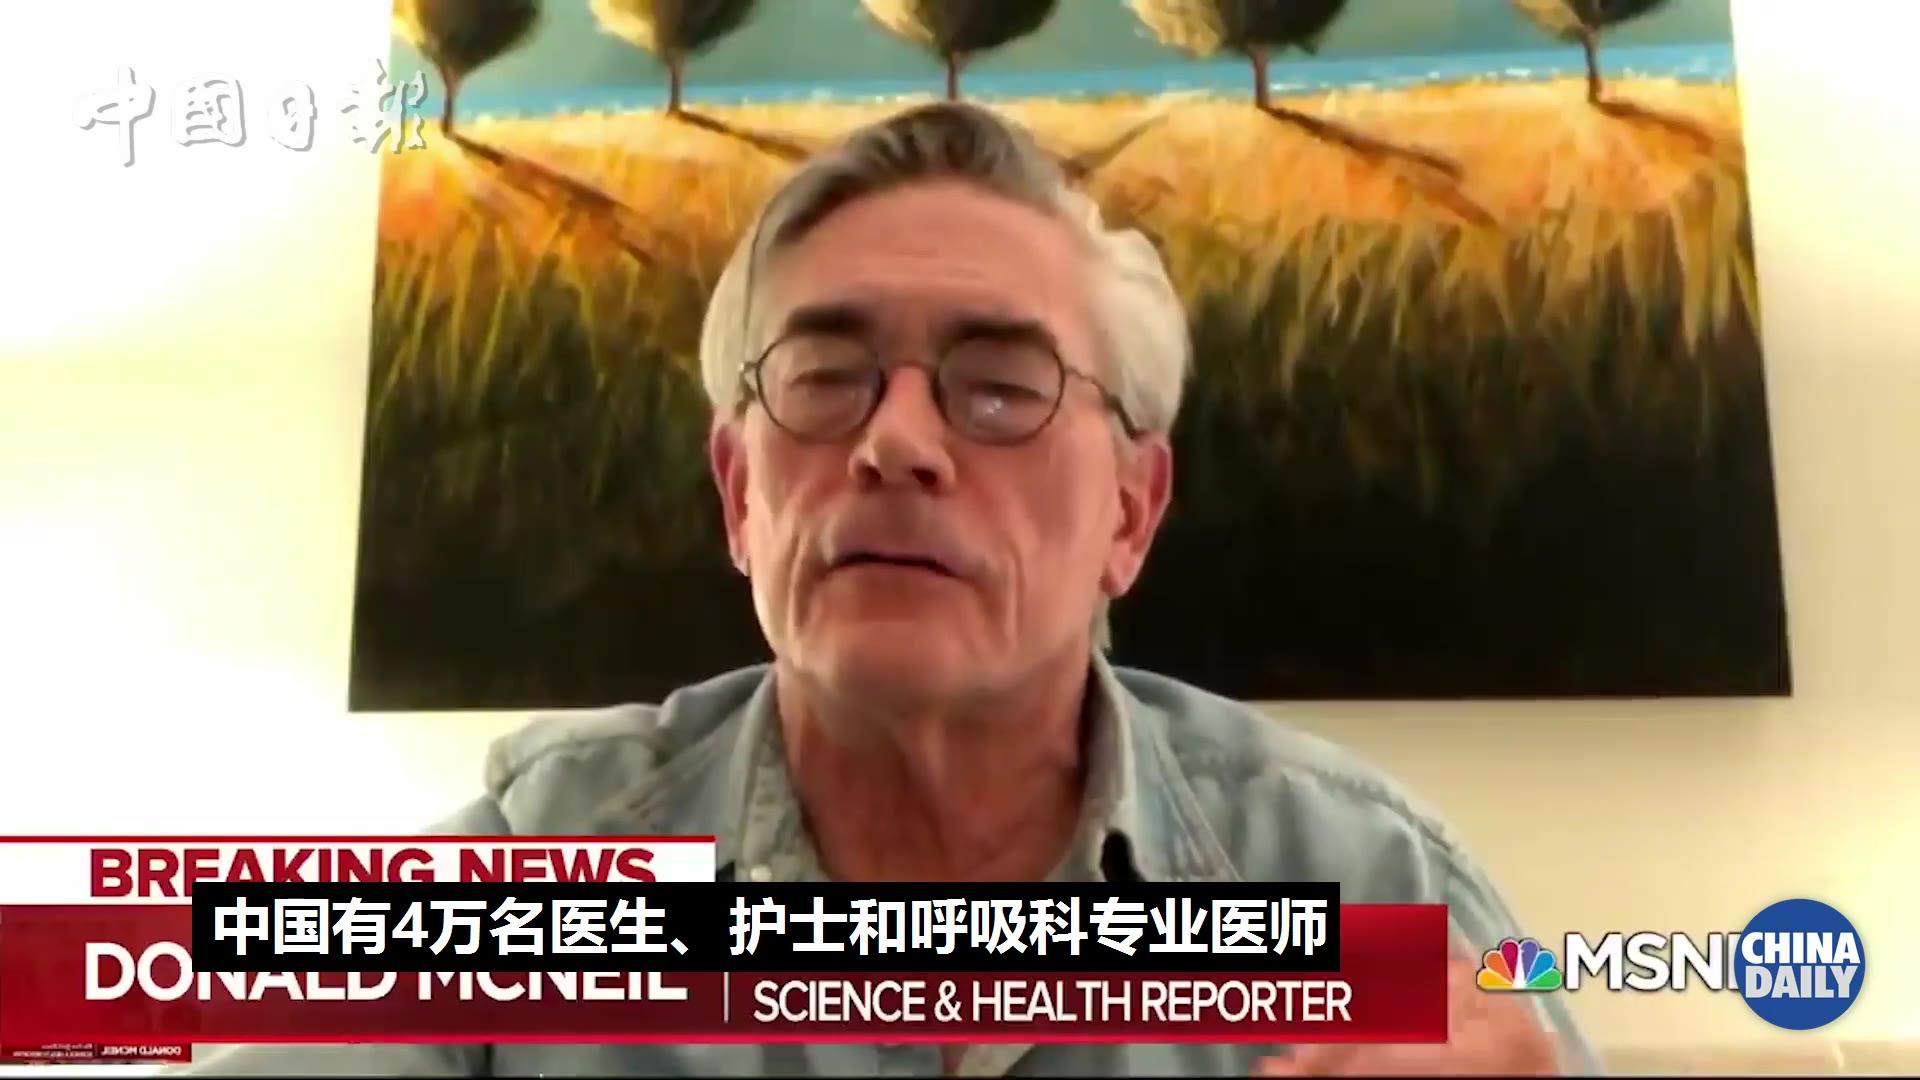 美媒记者建议特朗普聘请中国医生驰援美国 不应继续污名化激怒中国